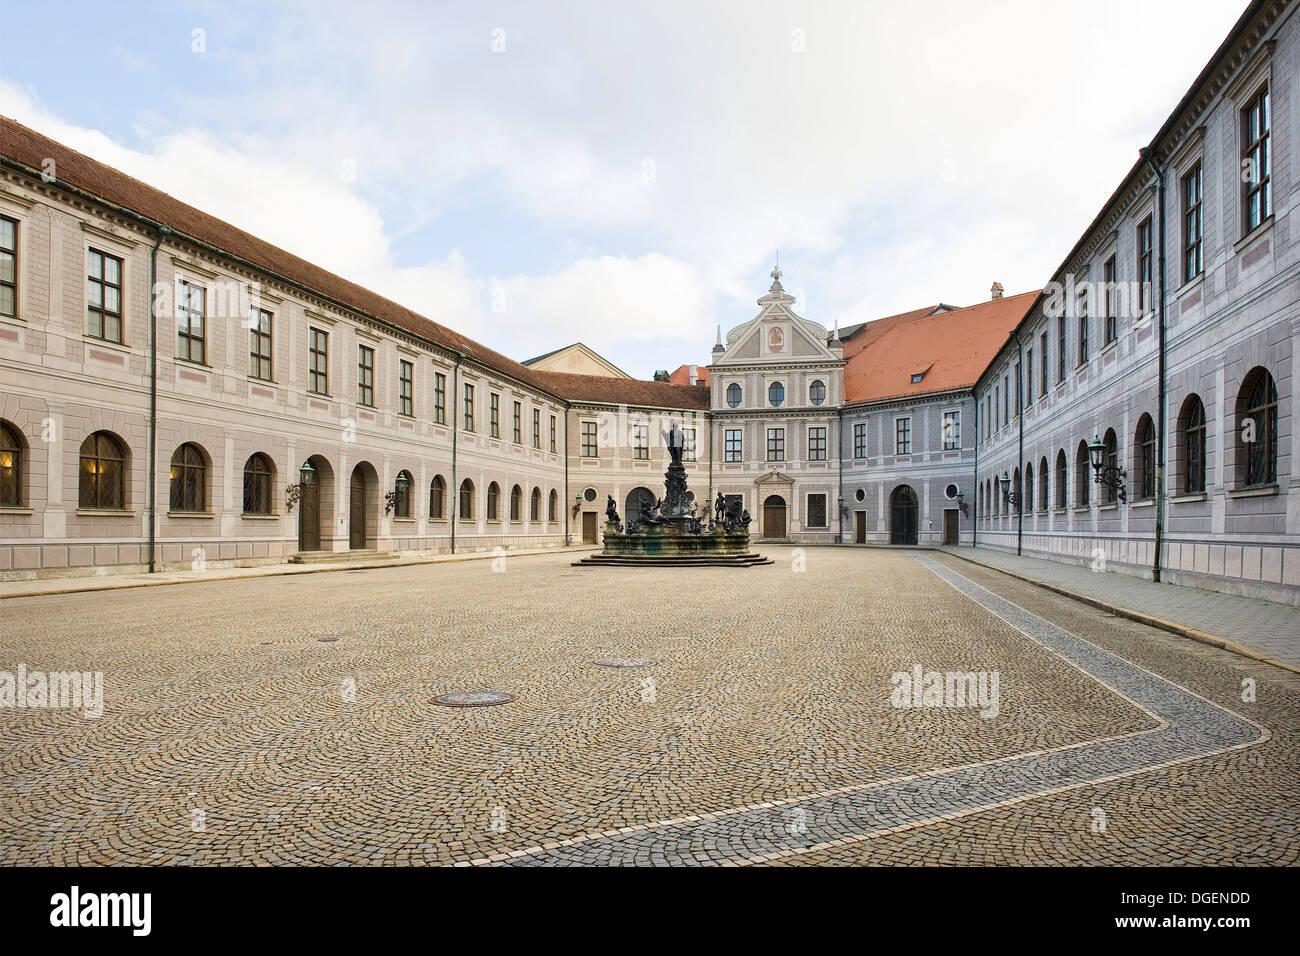 Deutschland Bayern München Residenz Museum Schatz Kammer